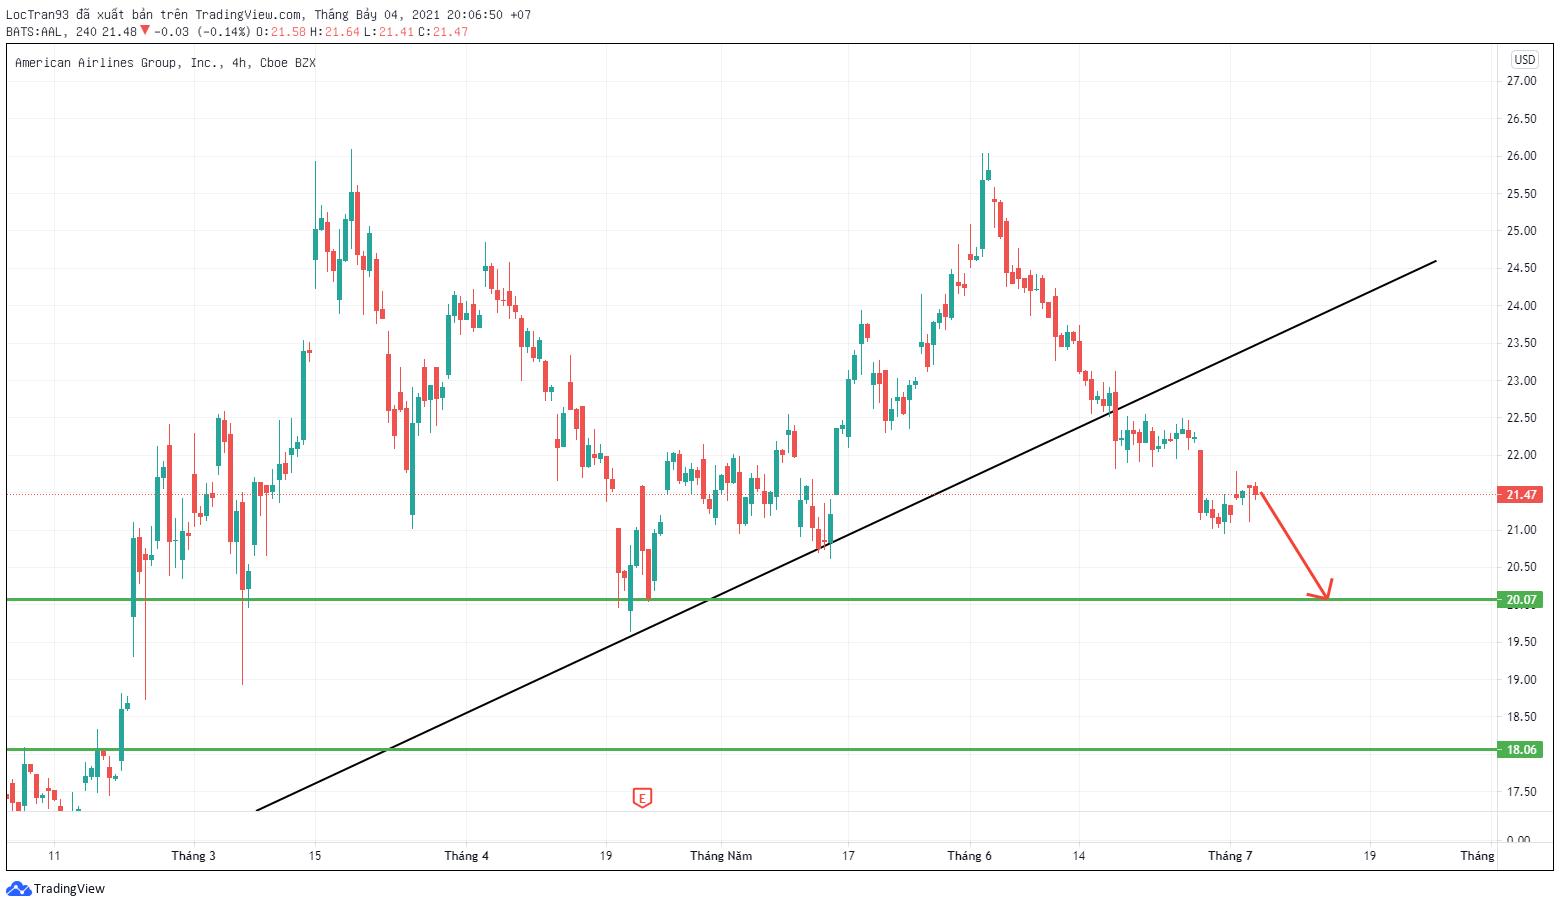 Cổ phiếu ALL đang trong một xu hướng giảm khi phá vỡ đường trendline tăng ở xu hướng trước đó.